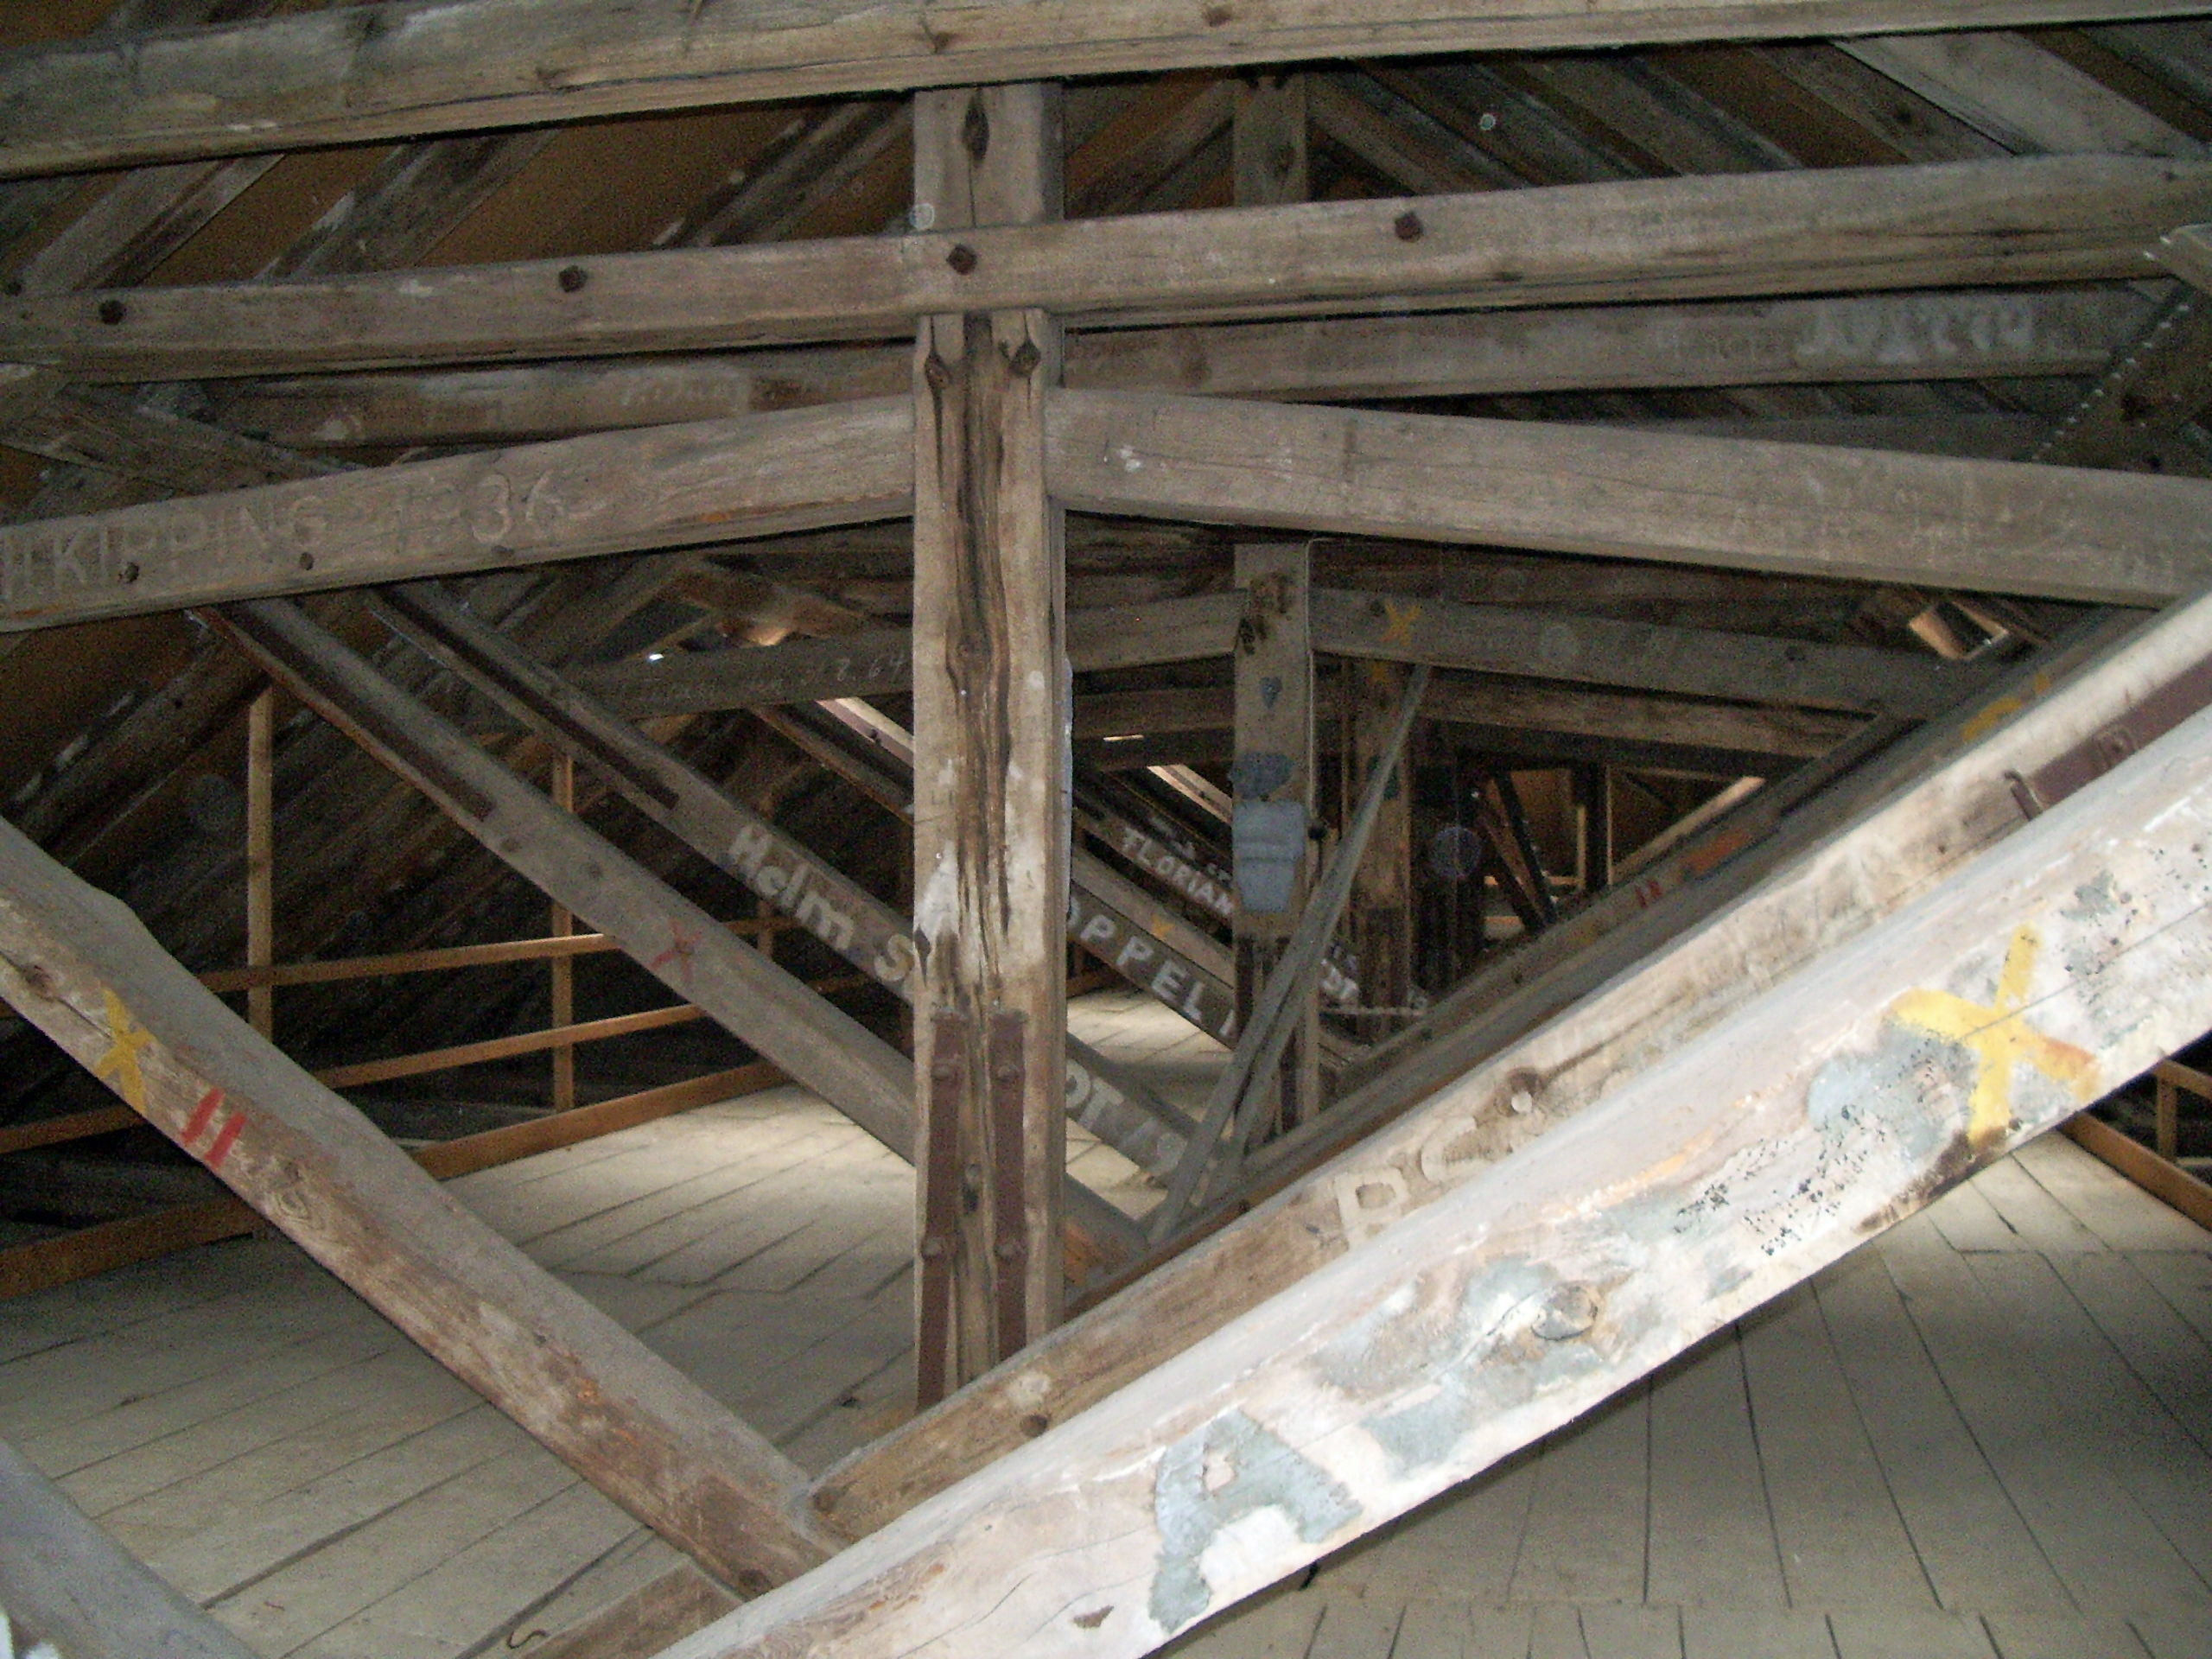 Astounding Dachboden Referenz Von File:klosterkirche 01.jpg